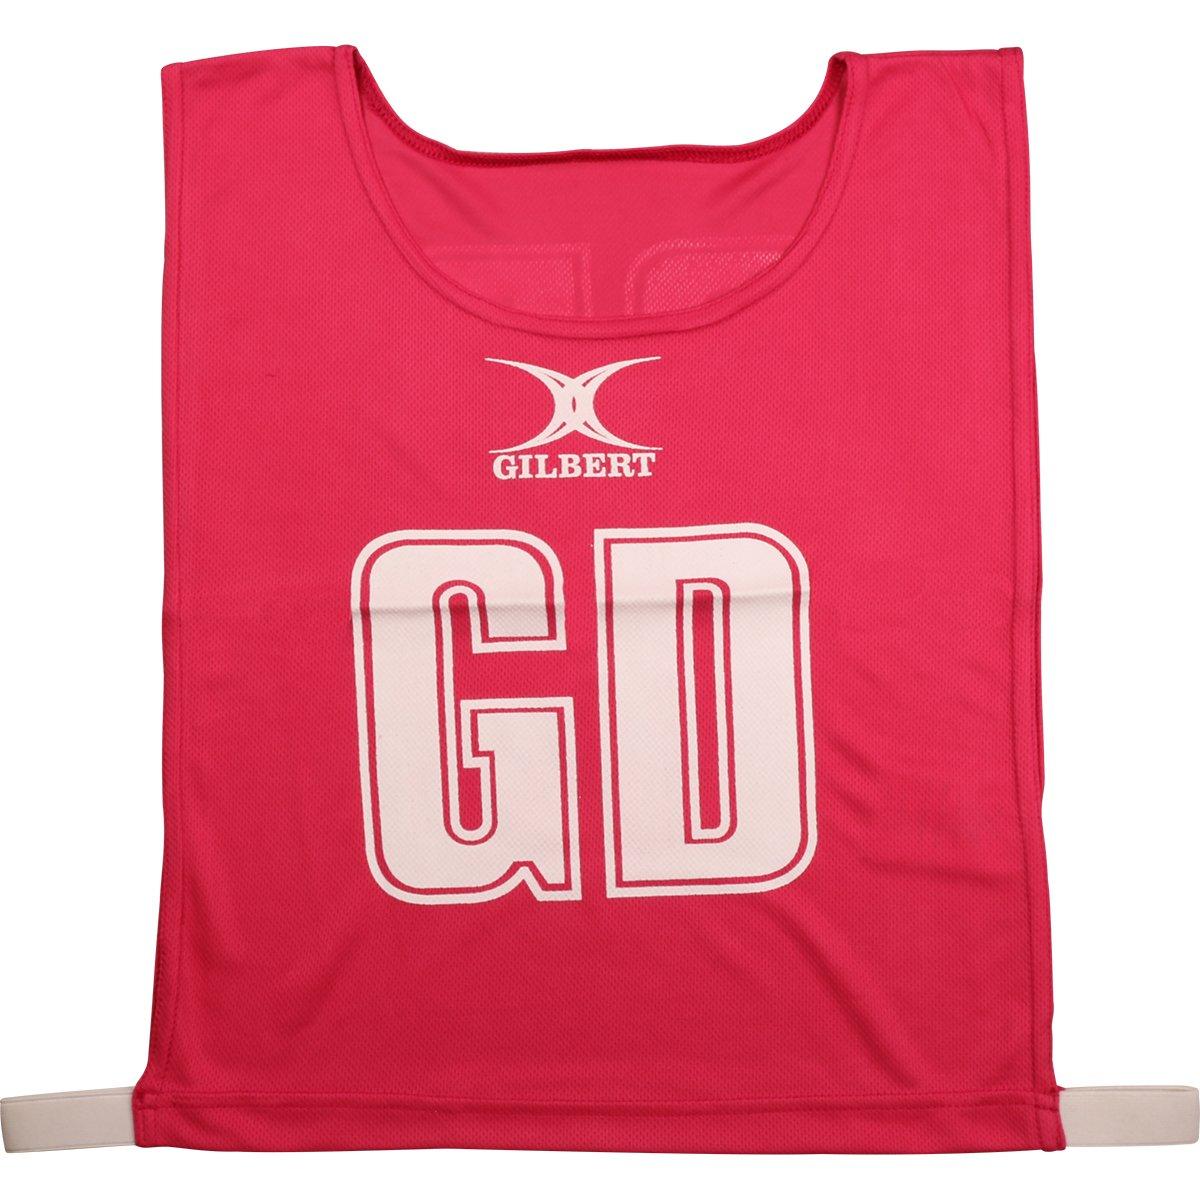 Classic Netball Bibs Set of 7 - Pink Gilbert